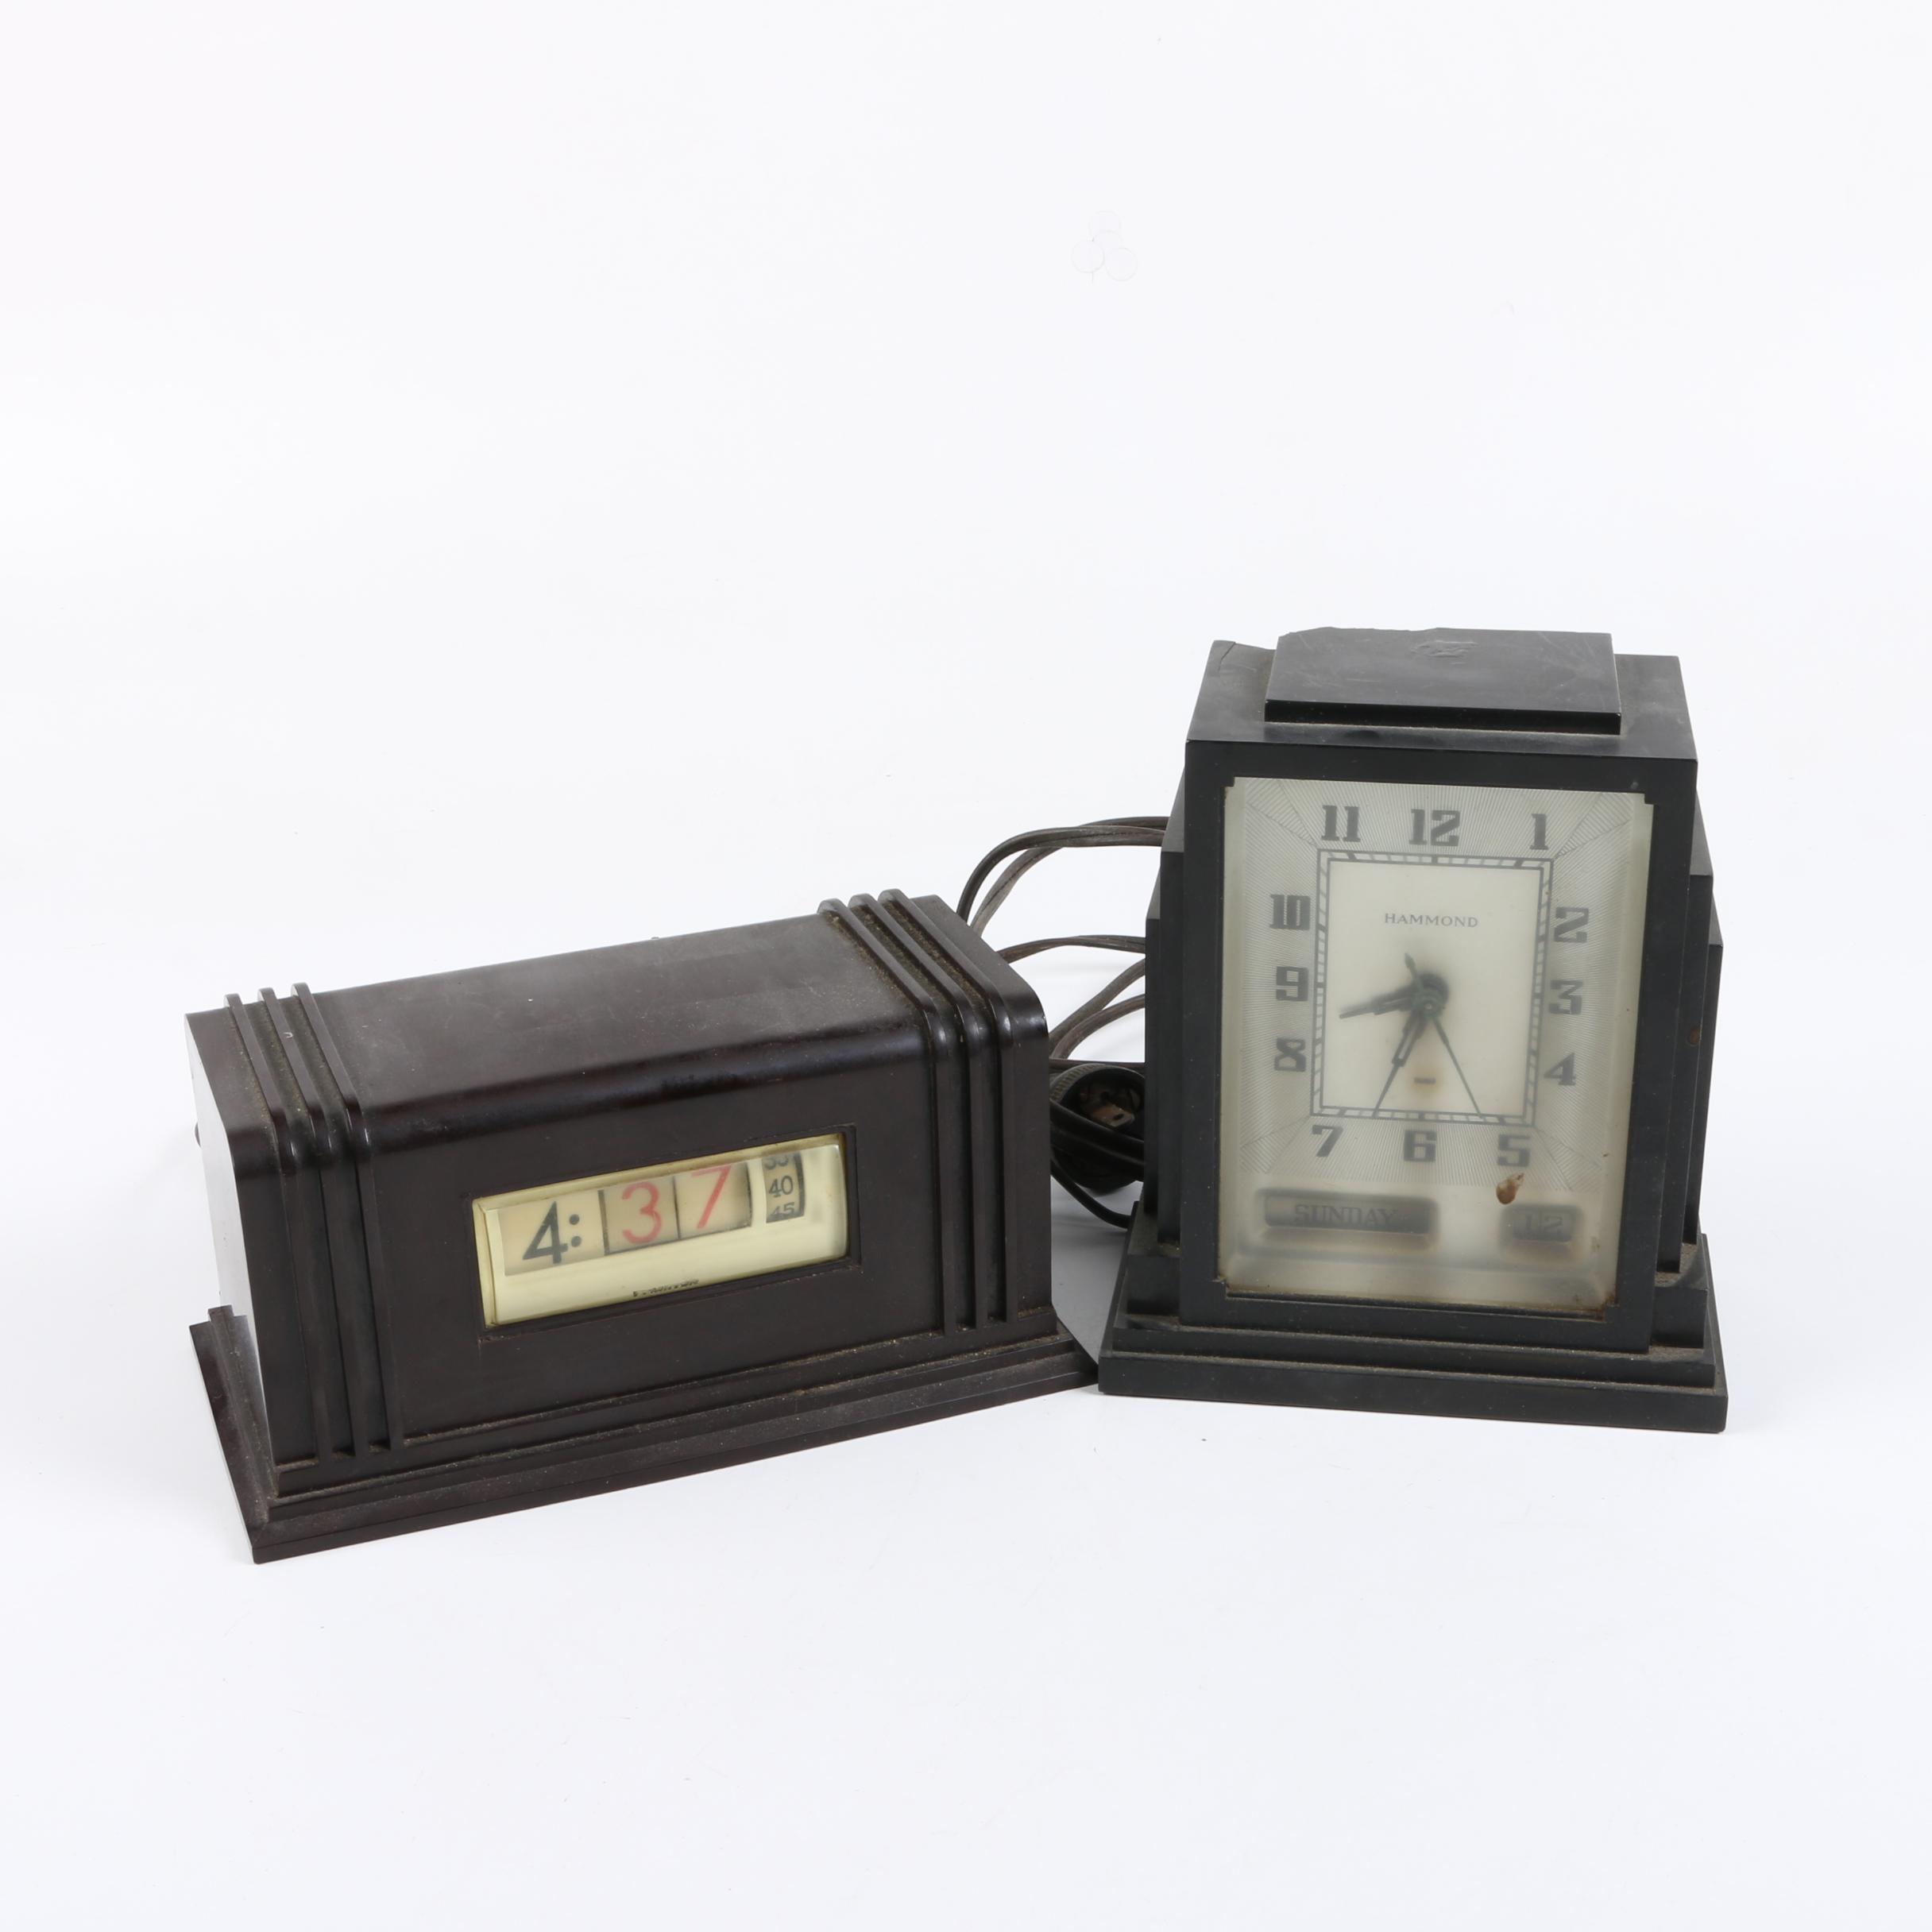 Vintage Numechron and Hammond Desk Clocks